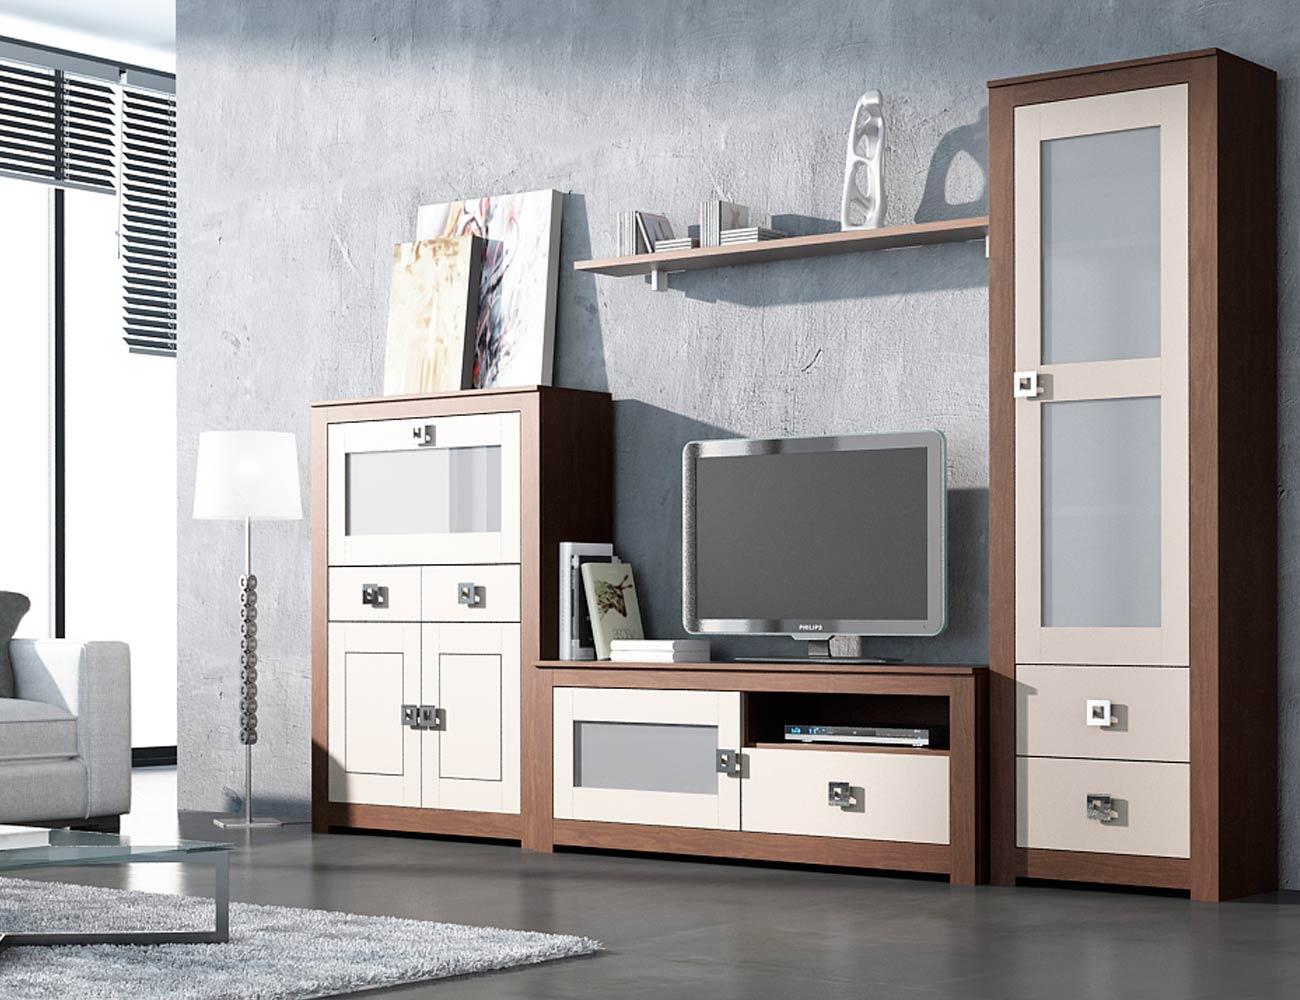 Muebles de dormitorio de matrimonio color blanco roto con piedra en madera dm 7103 factory - Muebles utrera ...